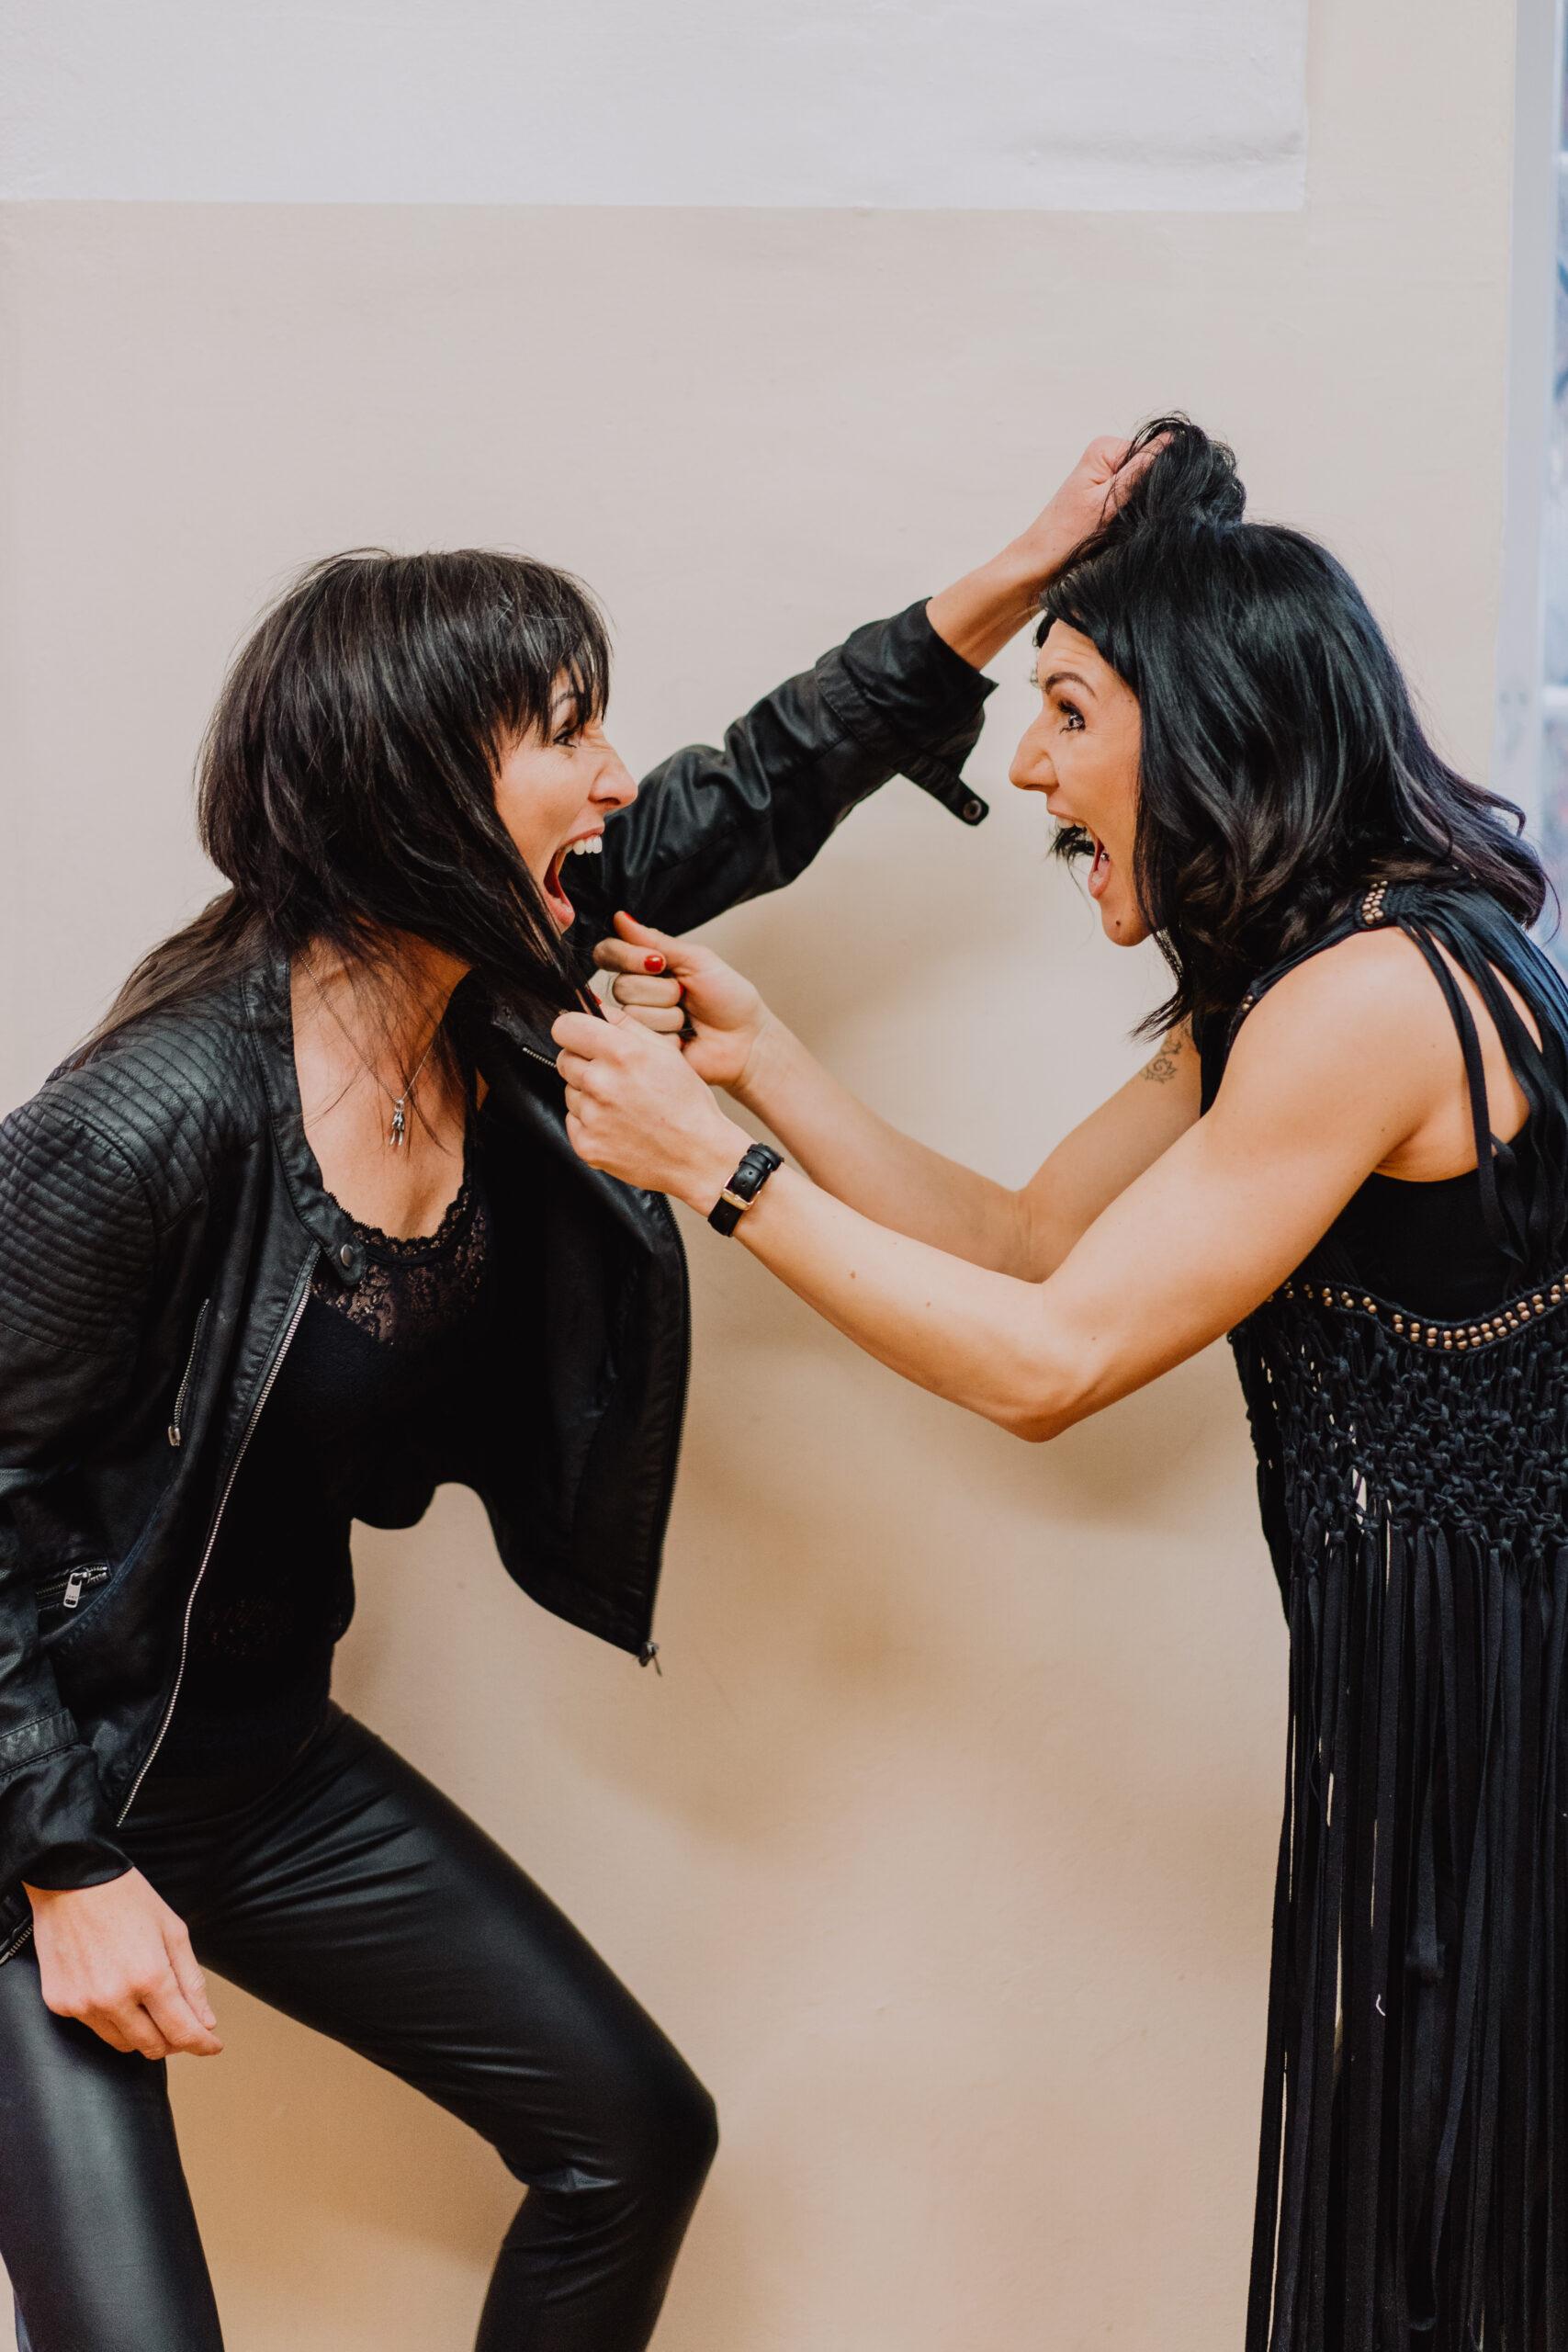 Sabine und Maria ziehen sich an den Haaren